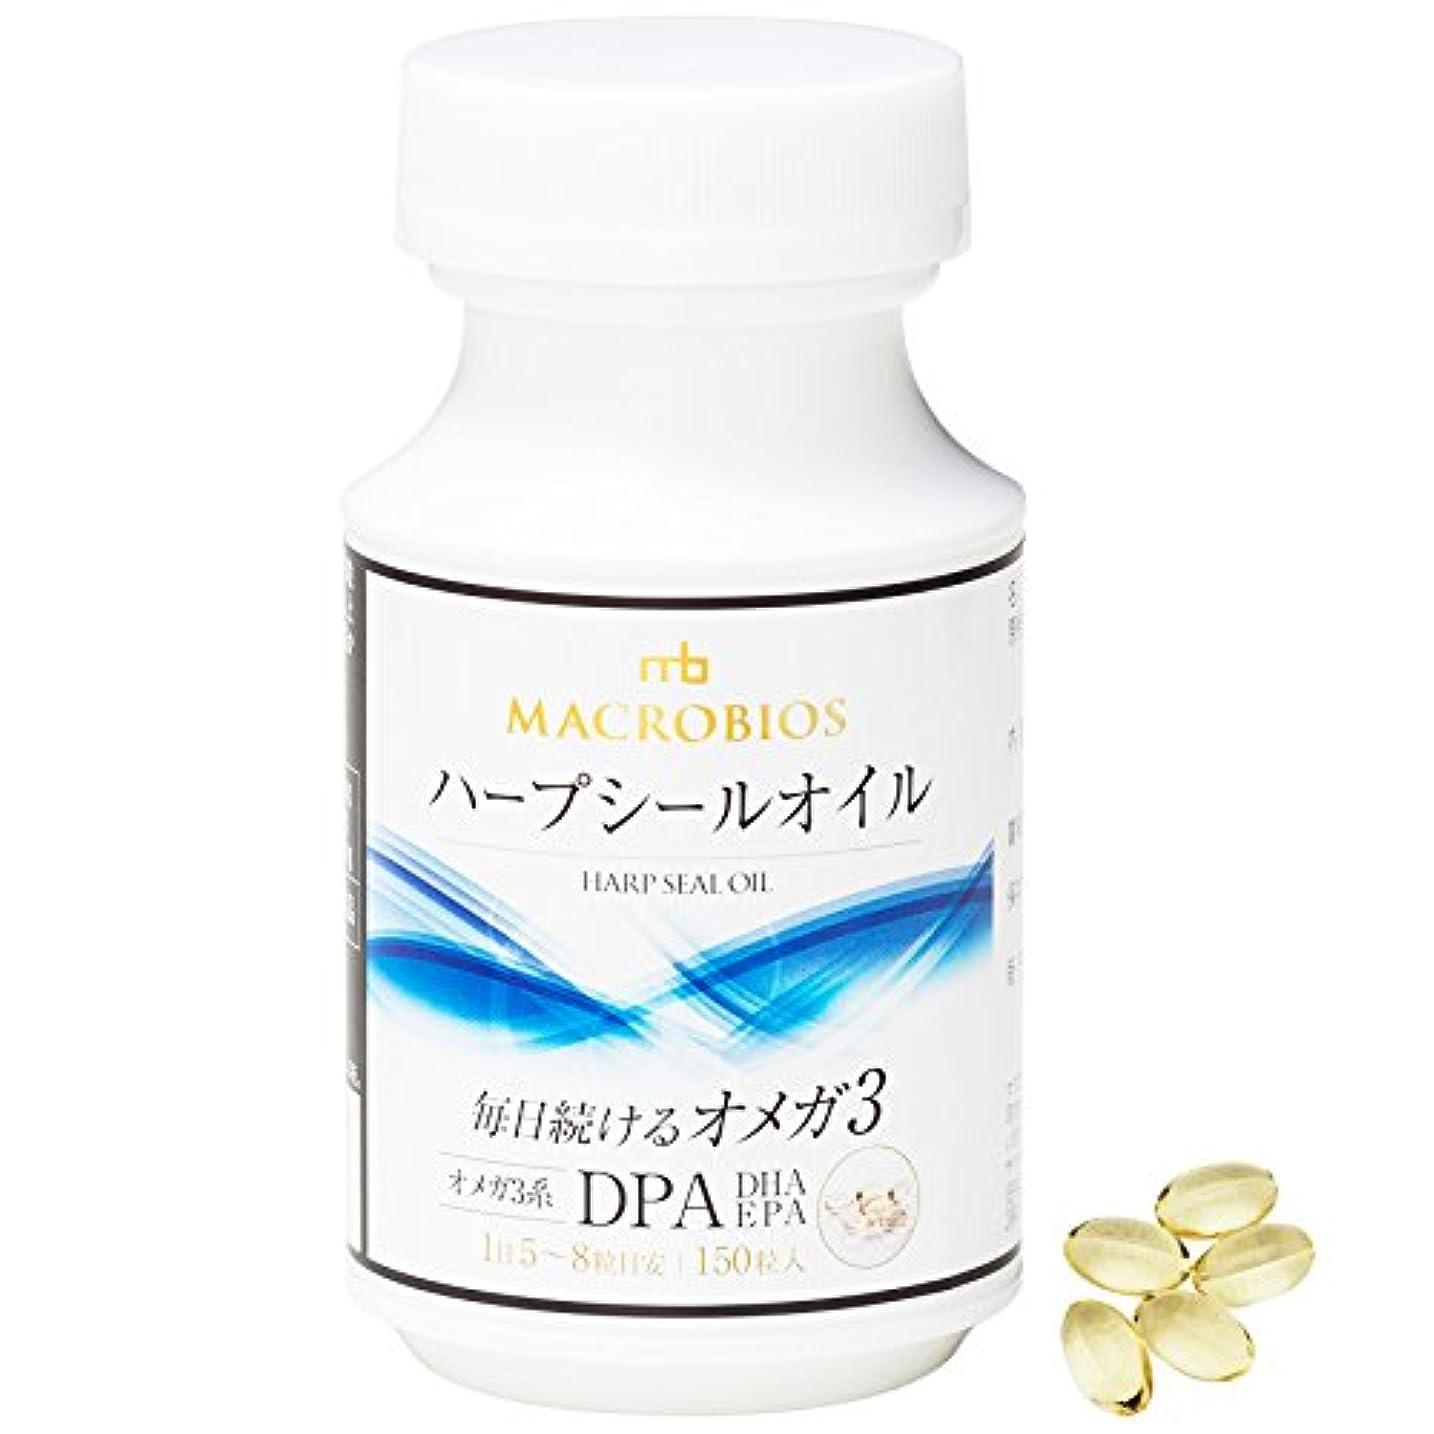 ゲート銀行ジョセフバンクスハープシールオイル 150粒 (アザラシ油) DPA DHA EPA オメガ3 サプリメント (1個)